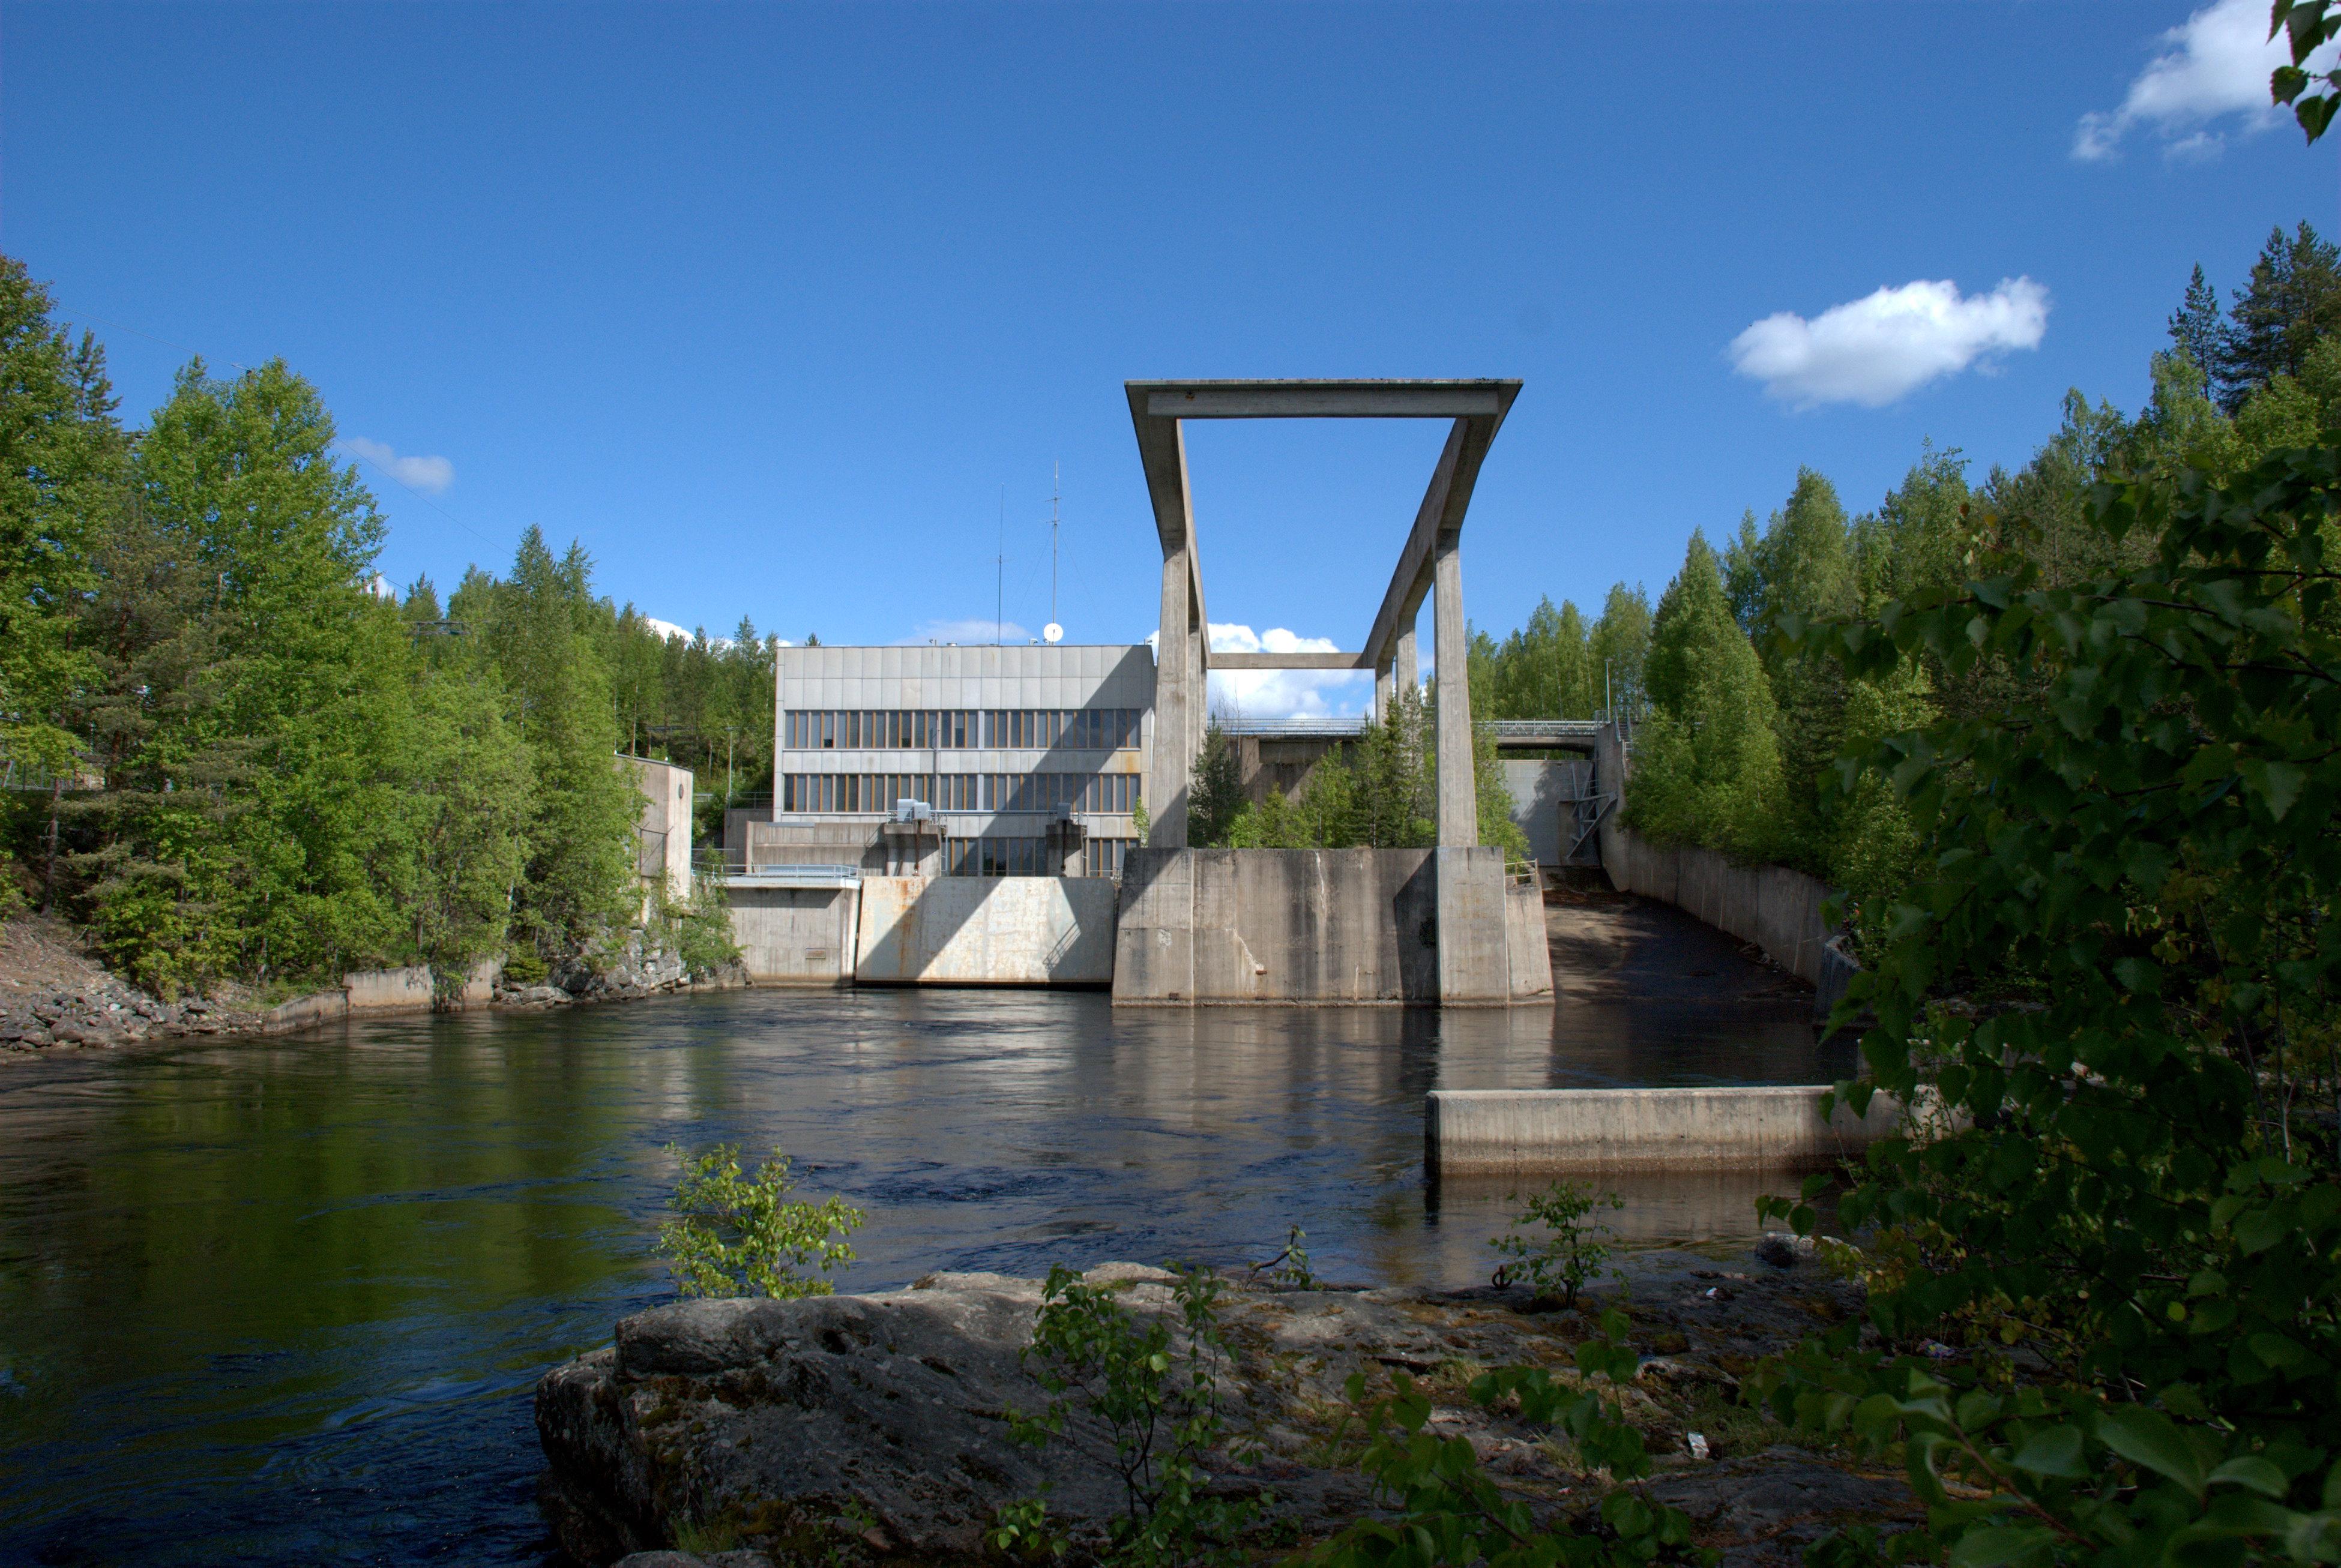 Ämmä hydro power plant